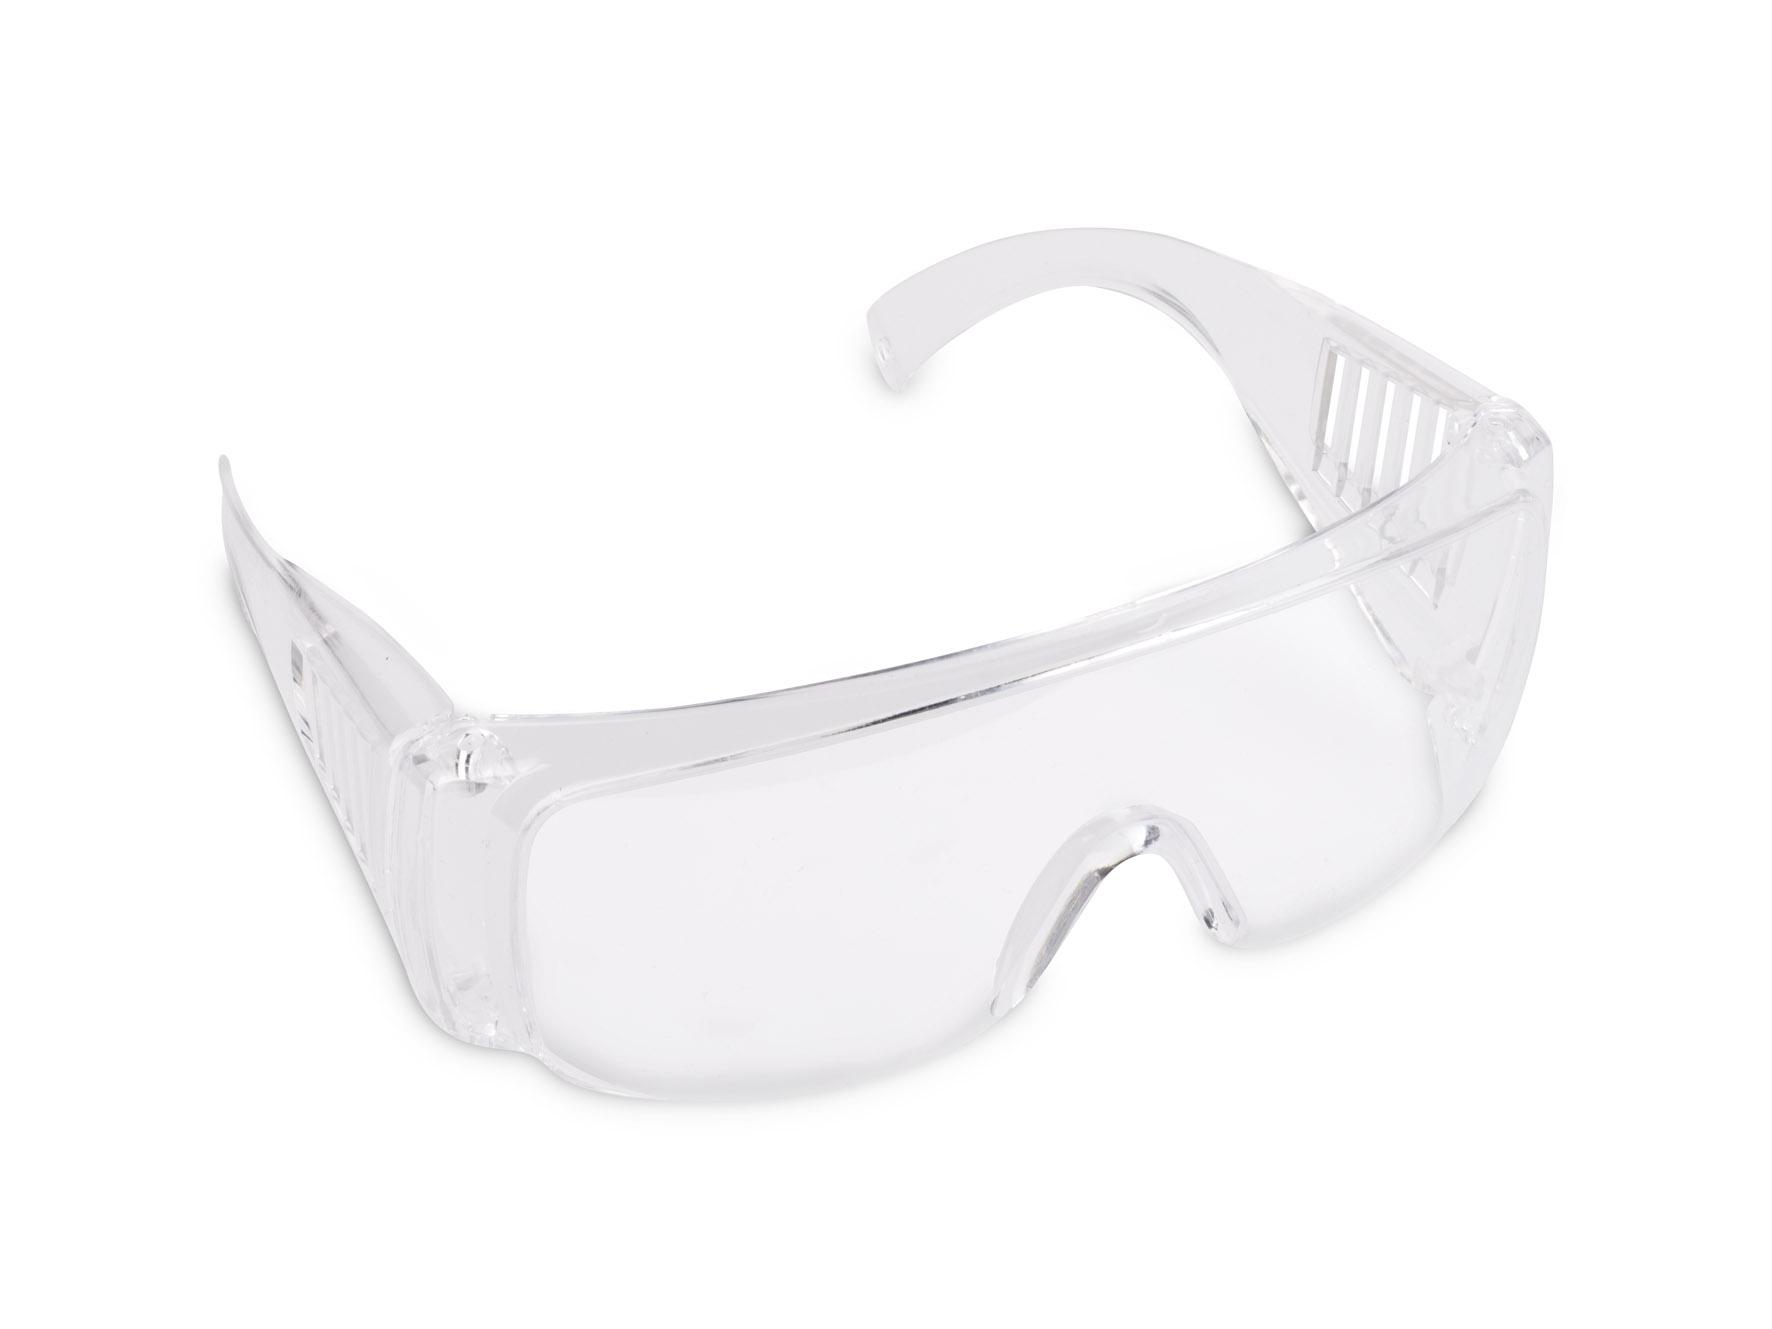 Beskyttelsesbriller, til briller brugere